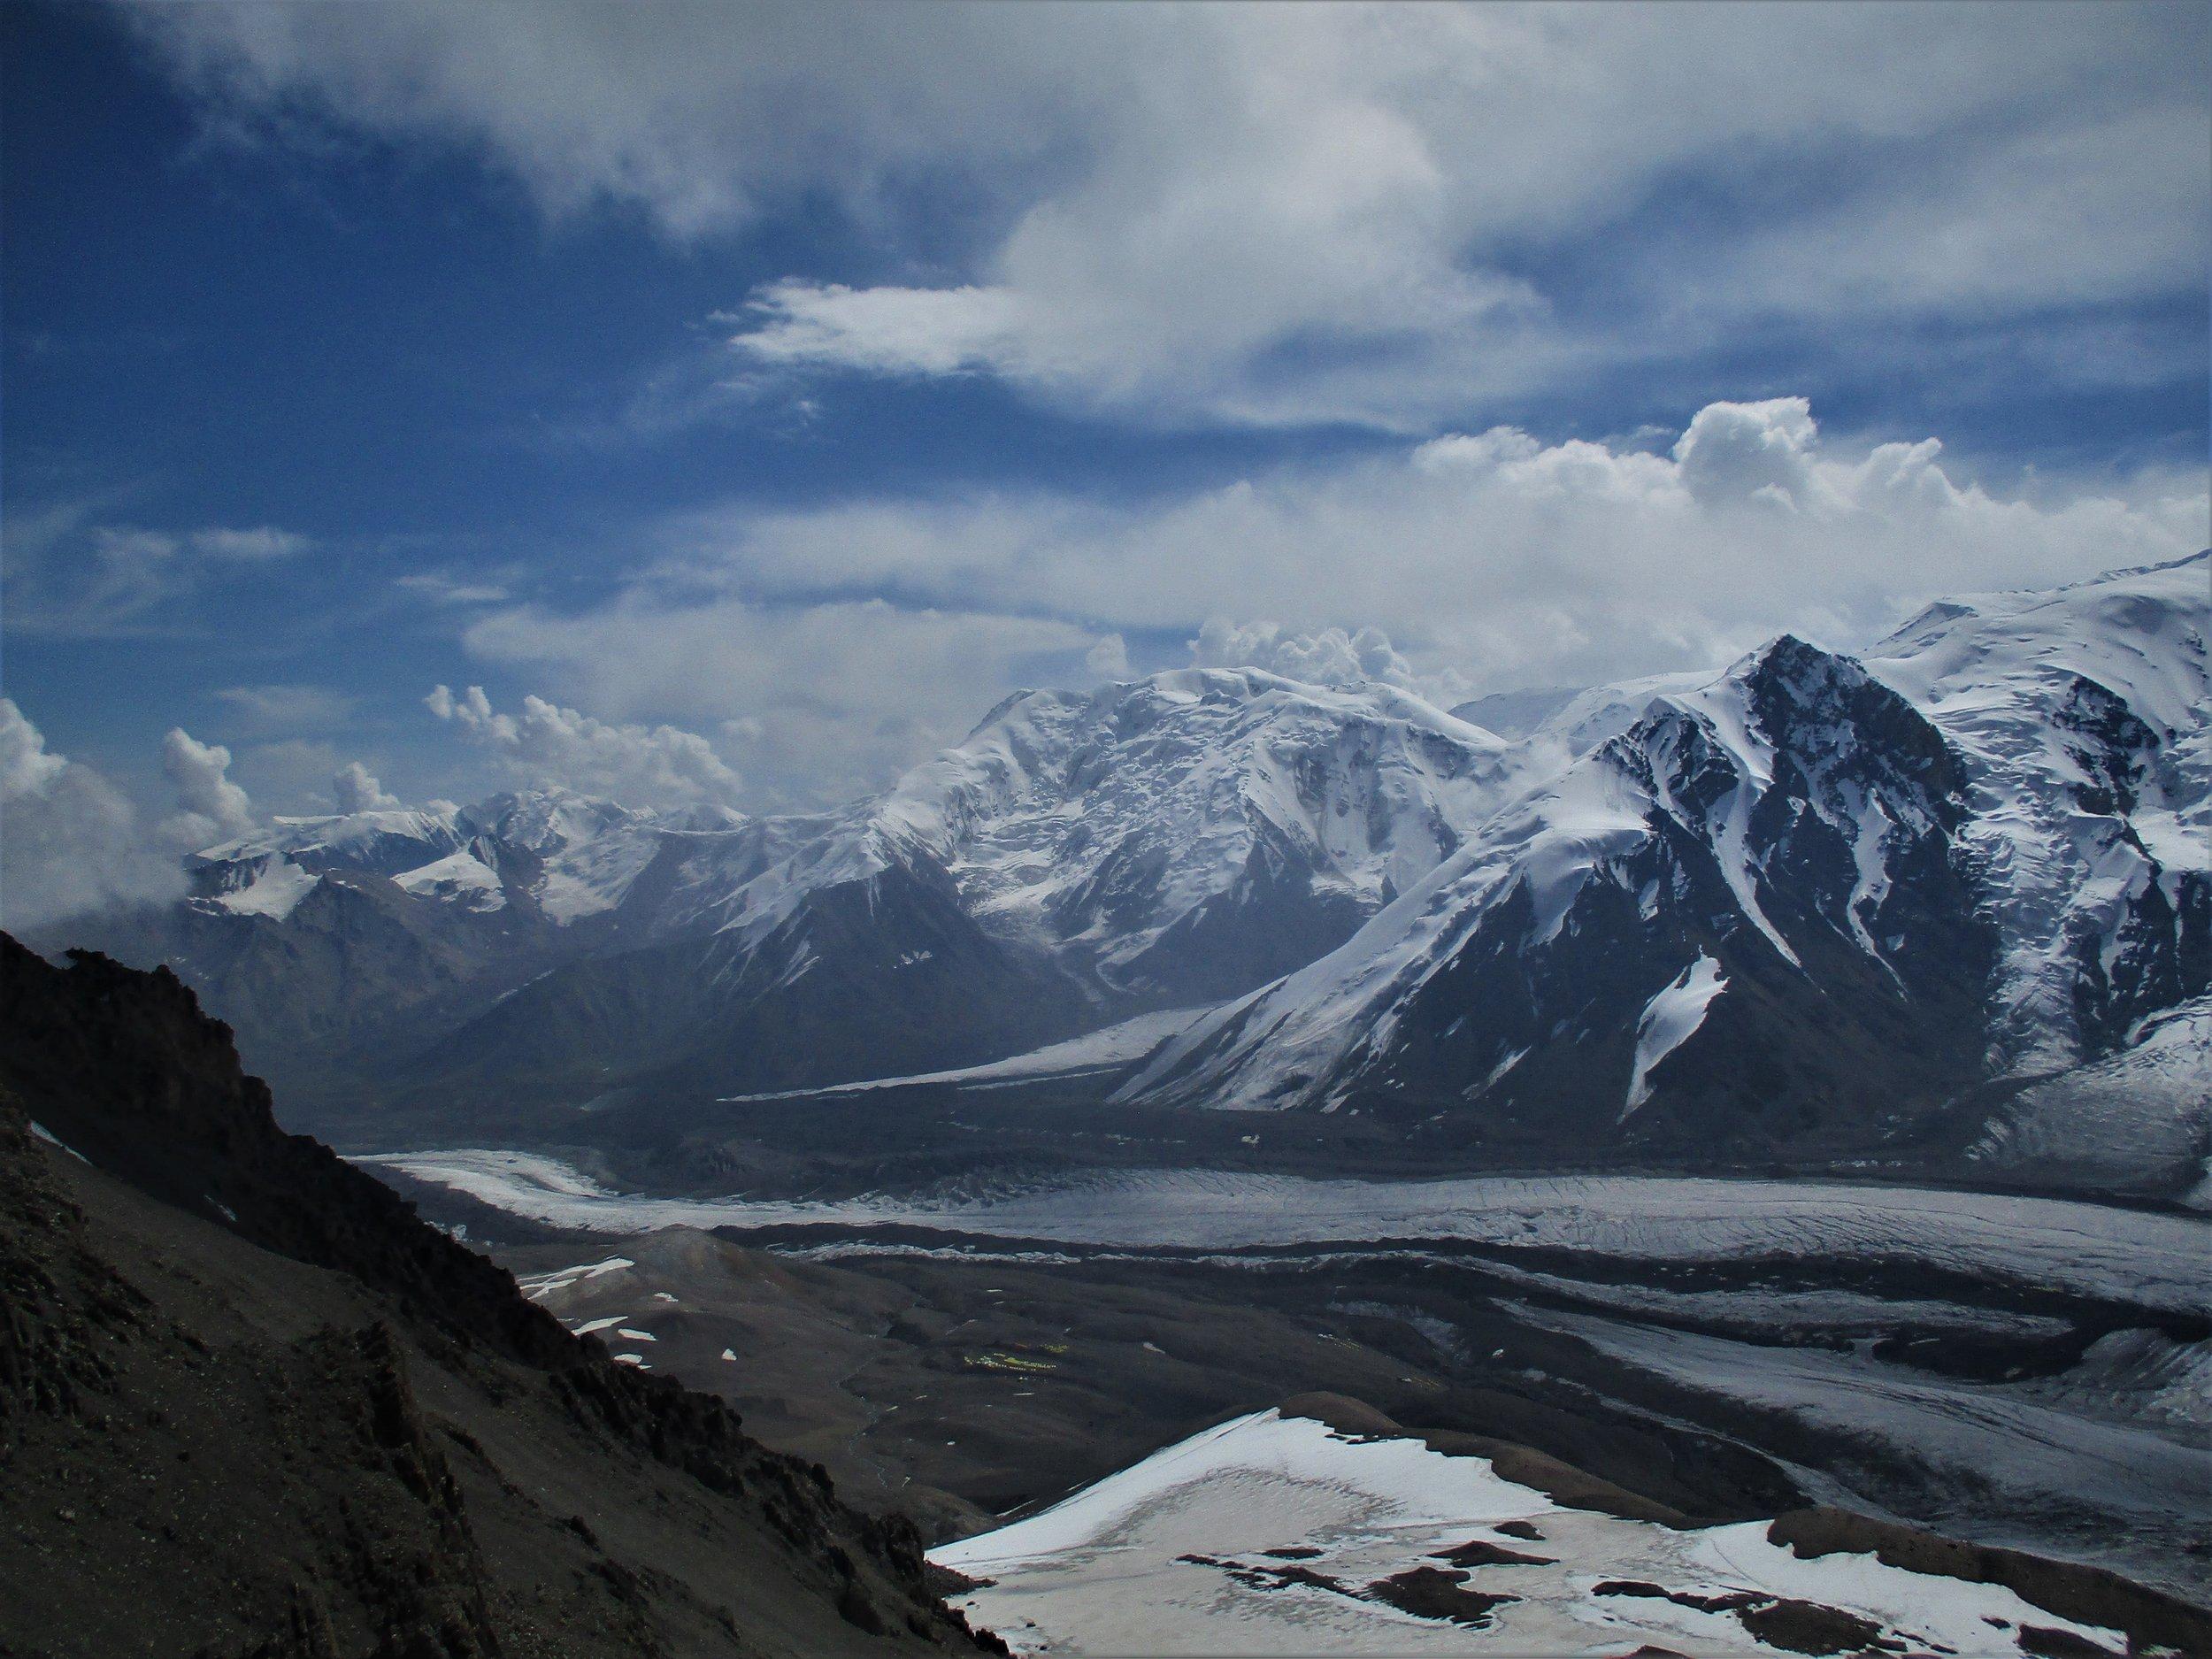 Looking north down the Lenin glacier